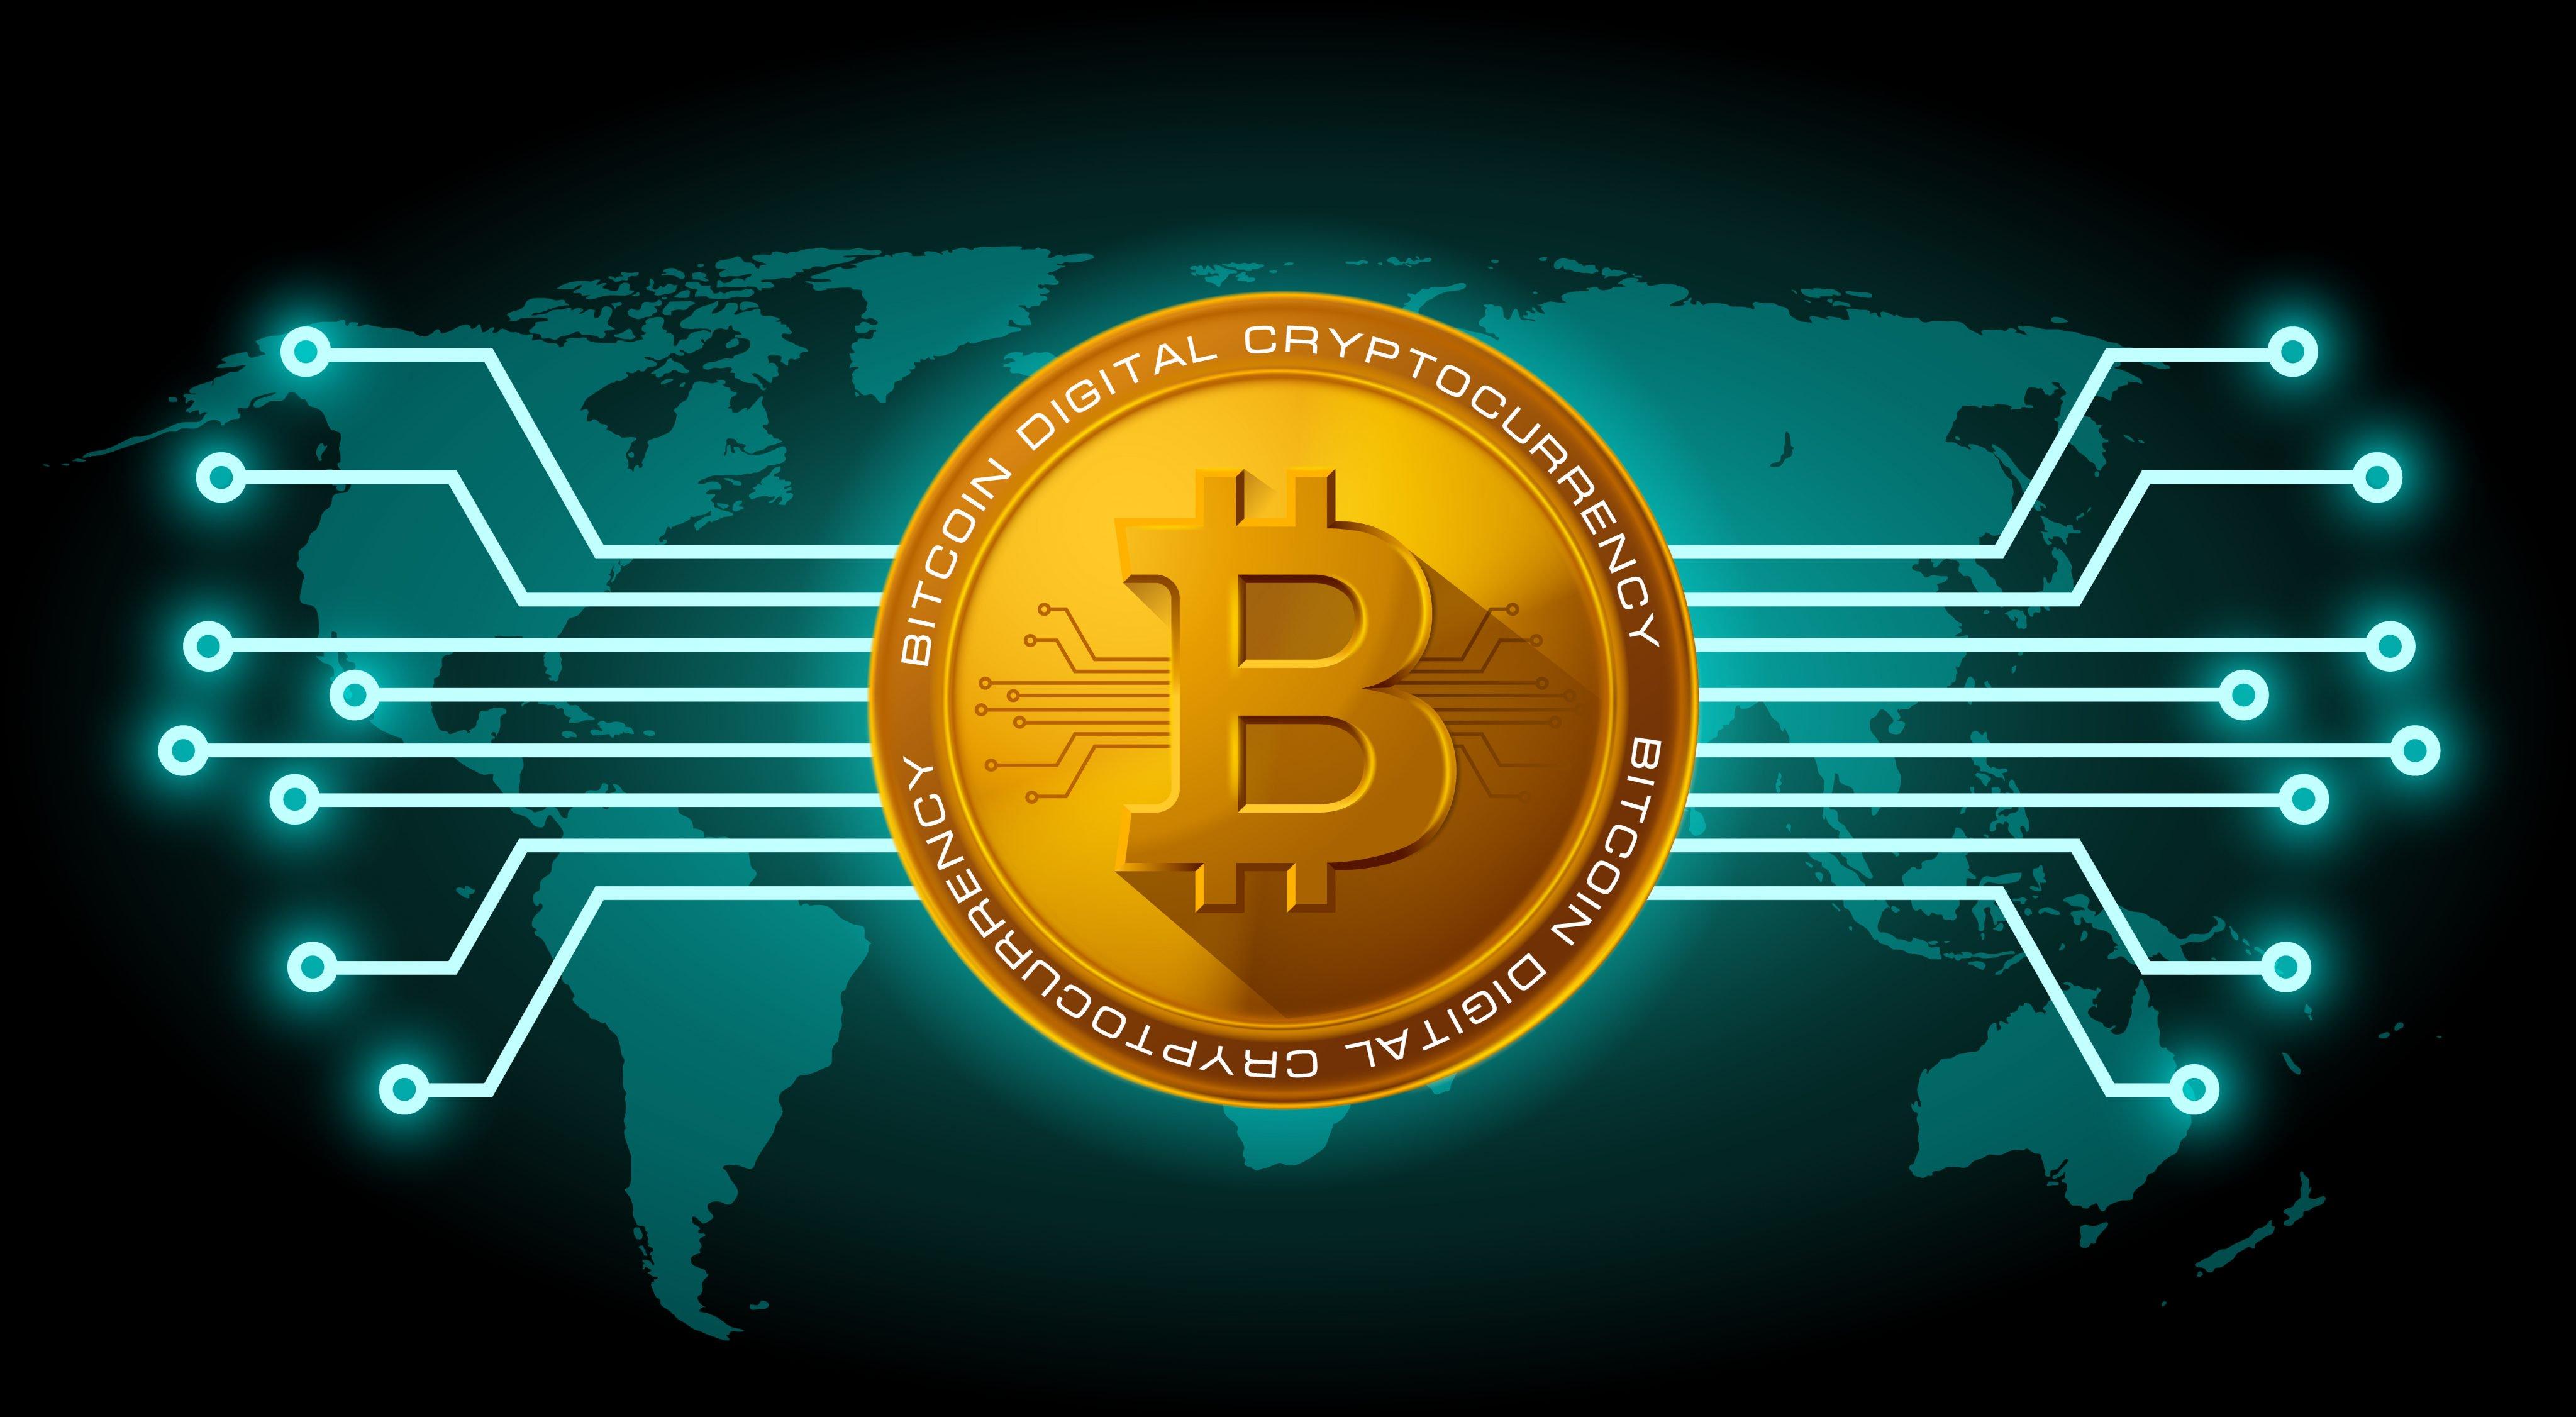 u koju kriptovalutu uložiti u mreškanje trebam li ulagati u bitcoin 2021?